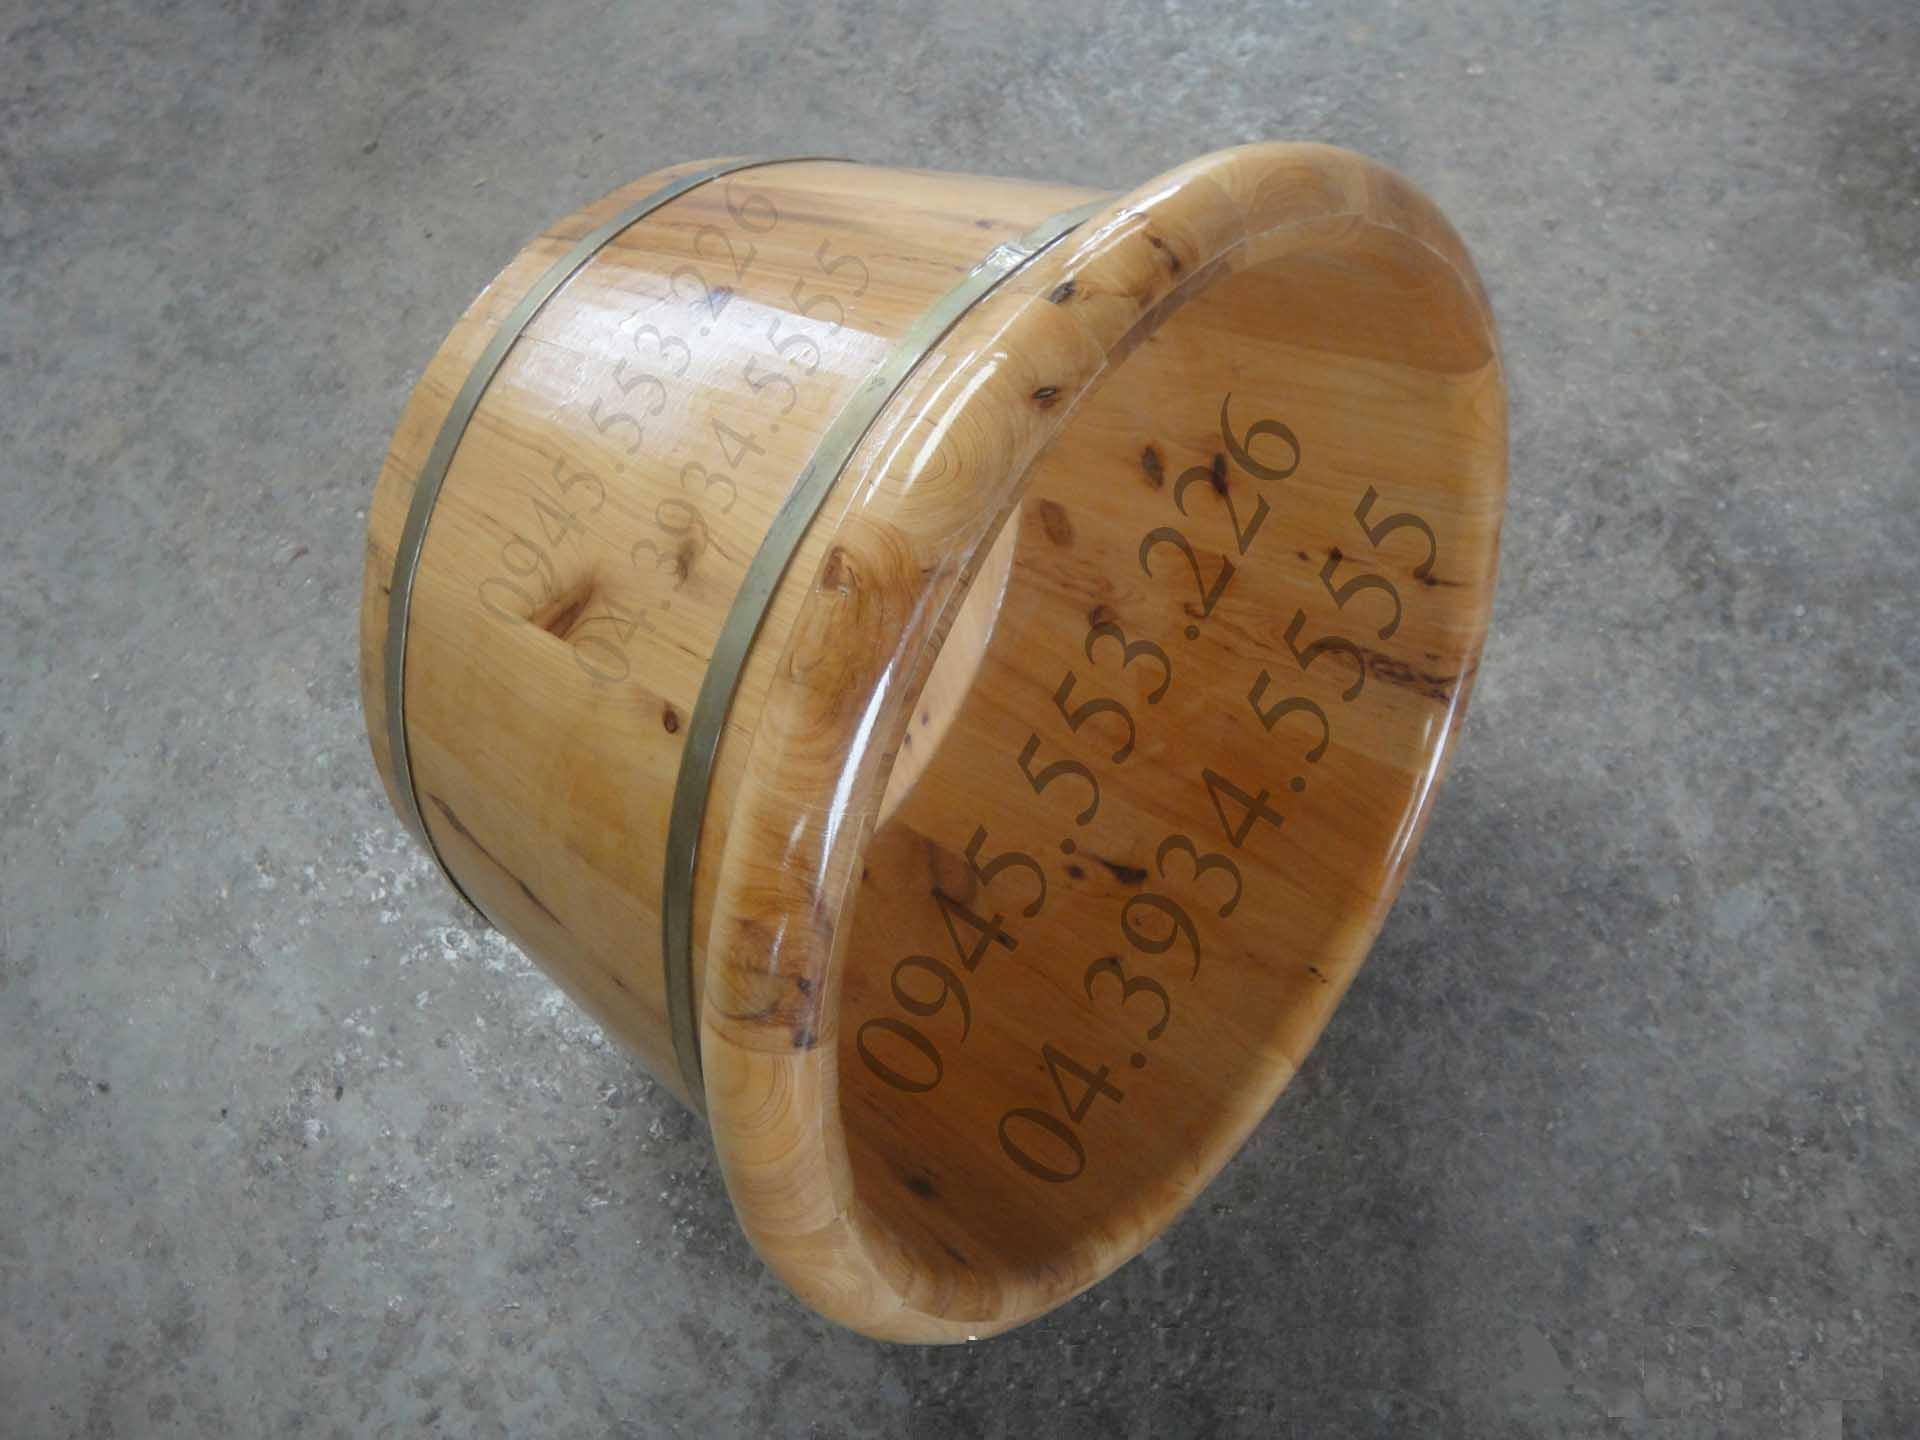 Bồn ngâm chân được làm bằng gỗ tuyết tùng